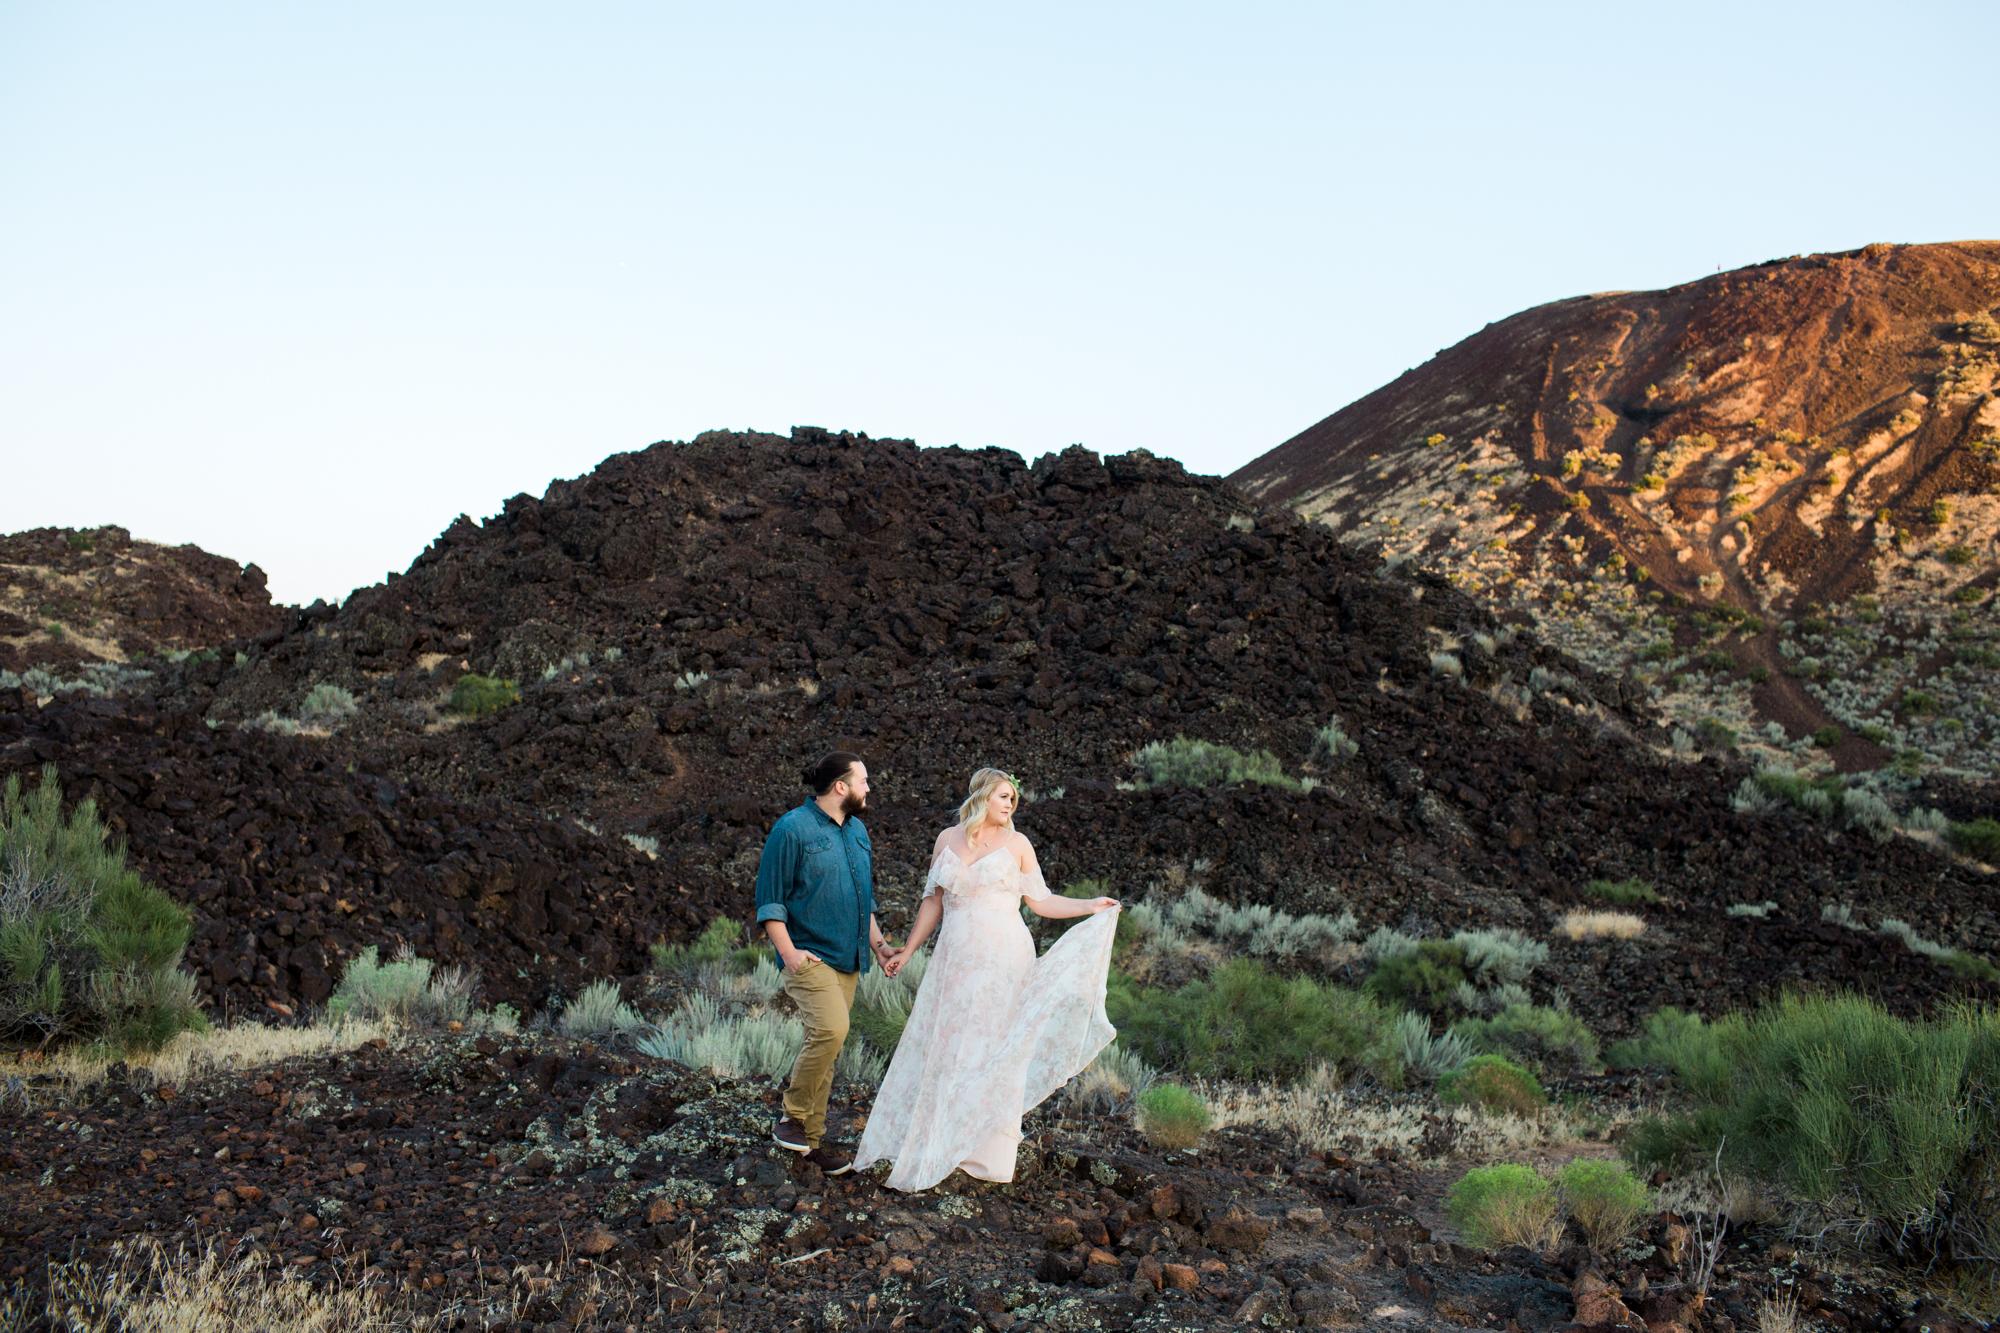 Kelcie-Ryan-Engagements-183.jpg